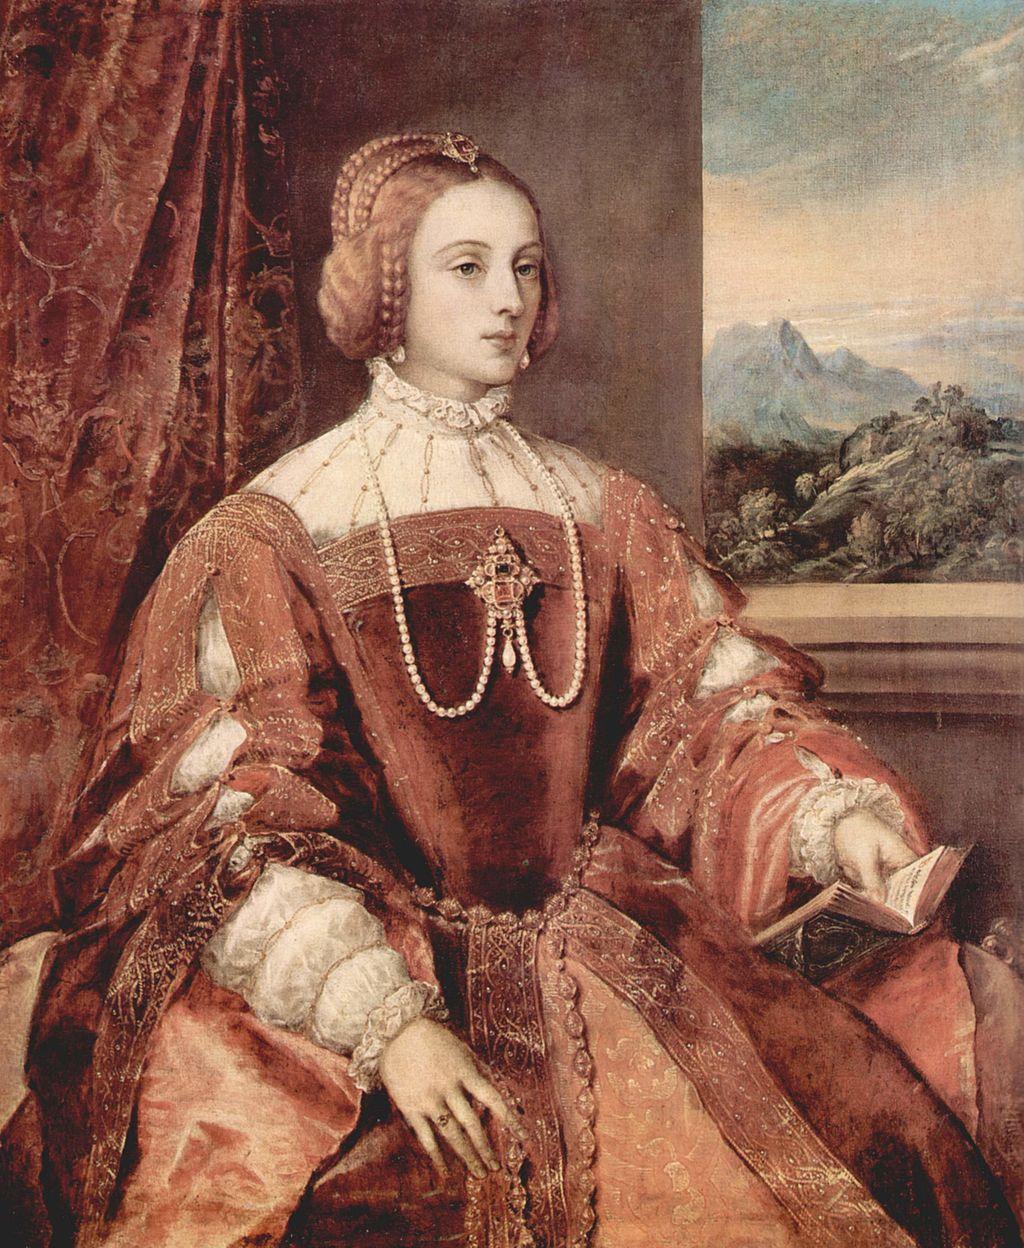 Retrato póstumo de la Emperatriz Isabel. Tiziano. 1548